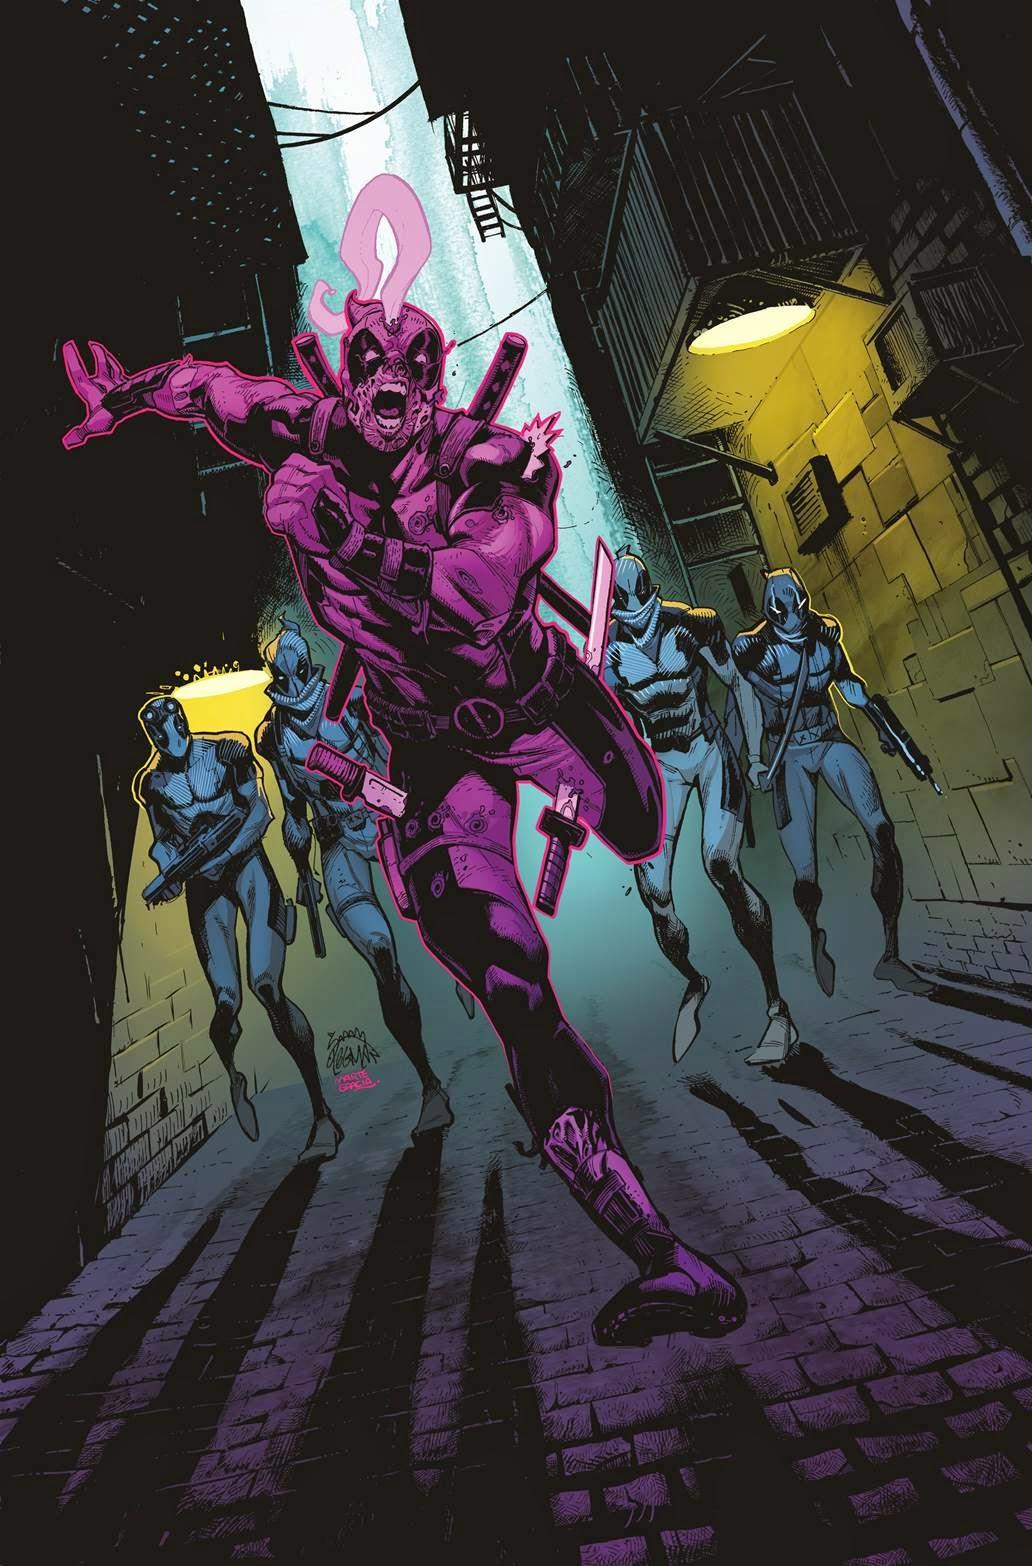 Return_of_the_Living_Deadpool_1_Stegman_Variant.jpg